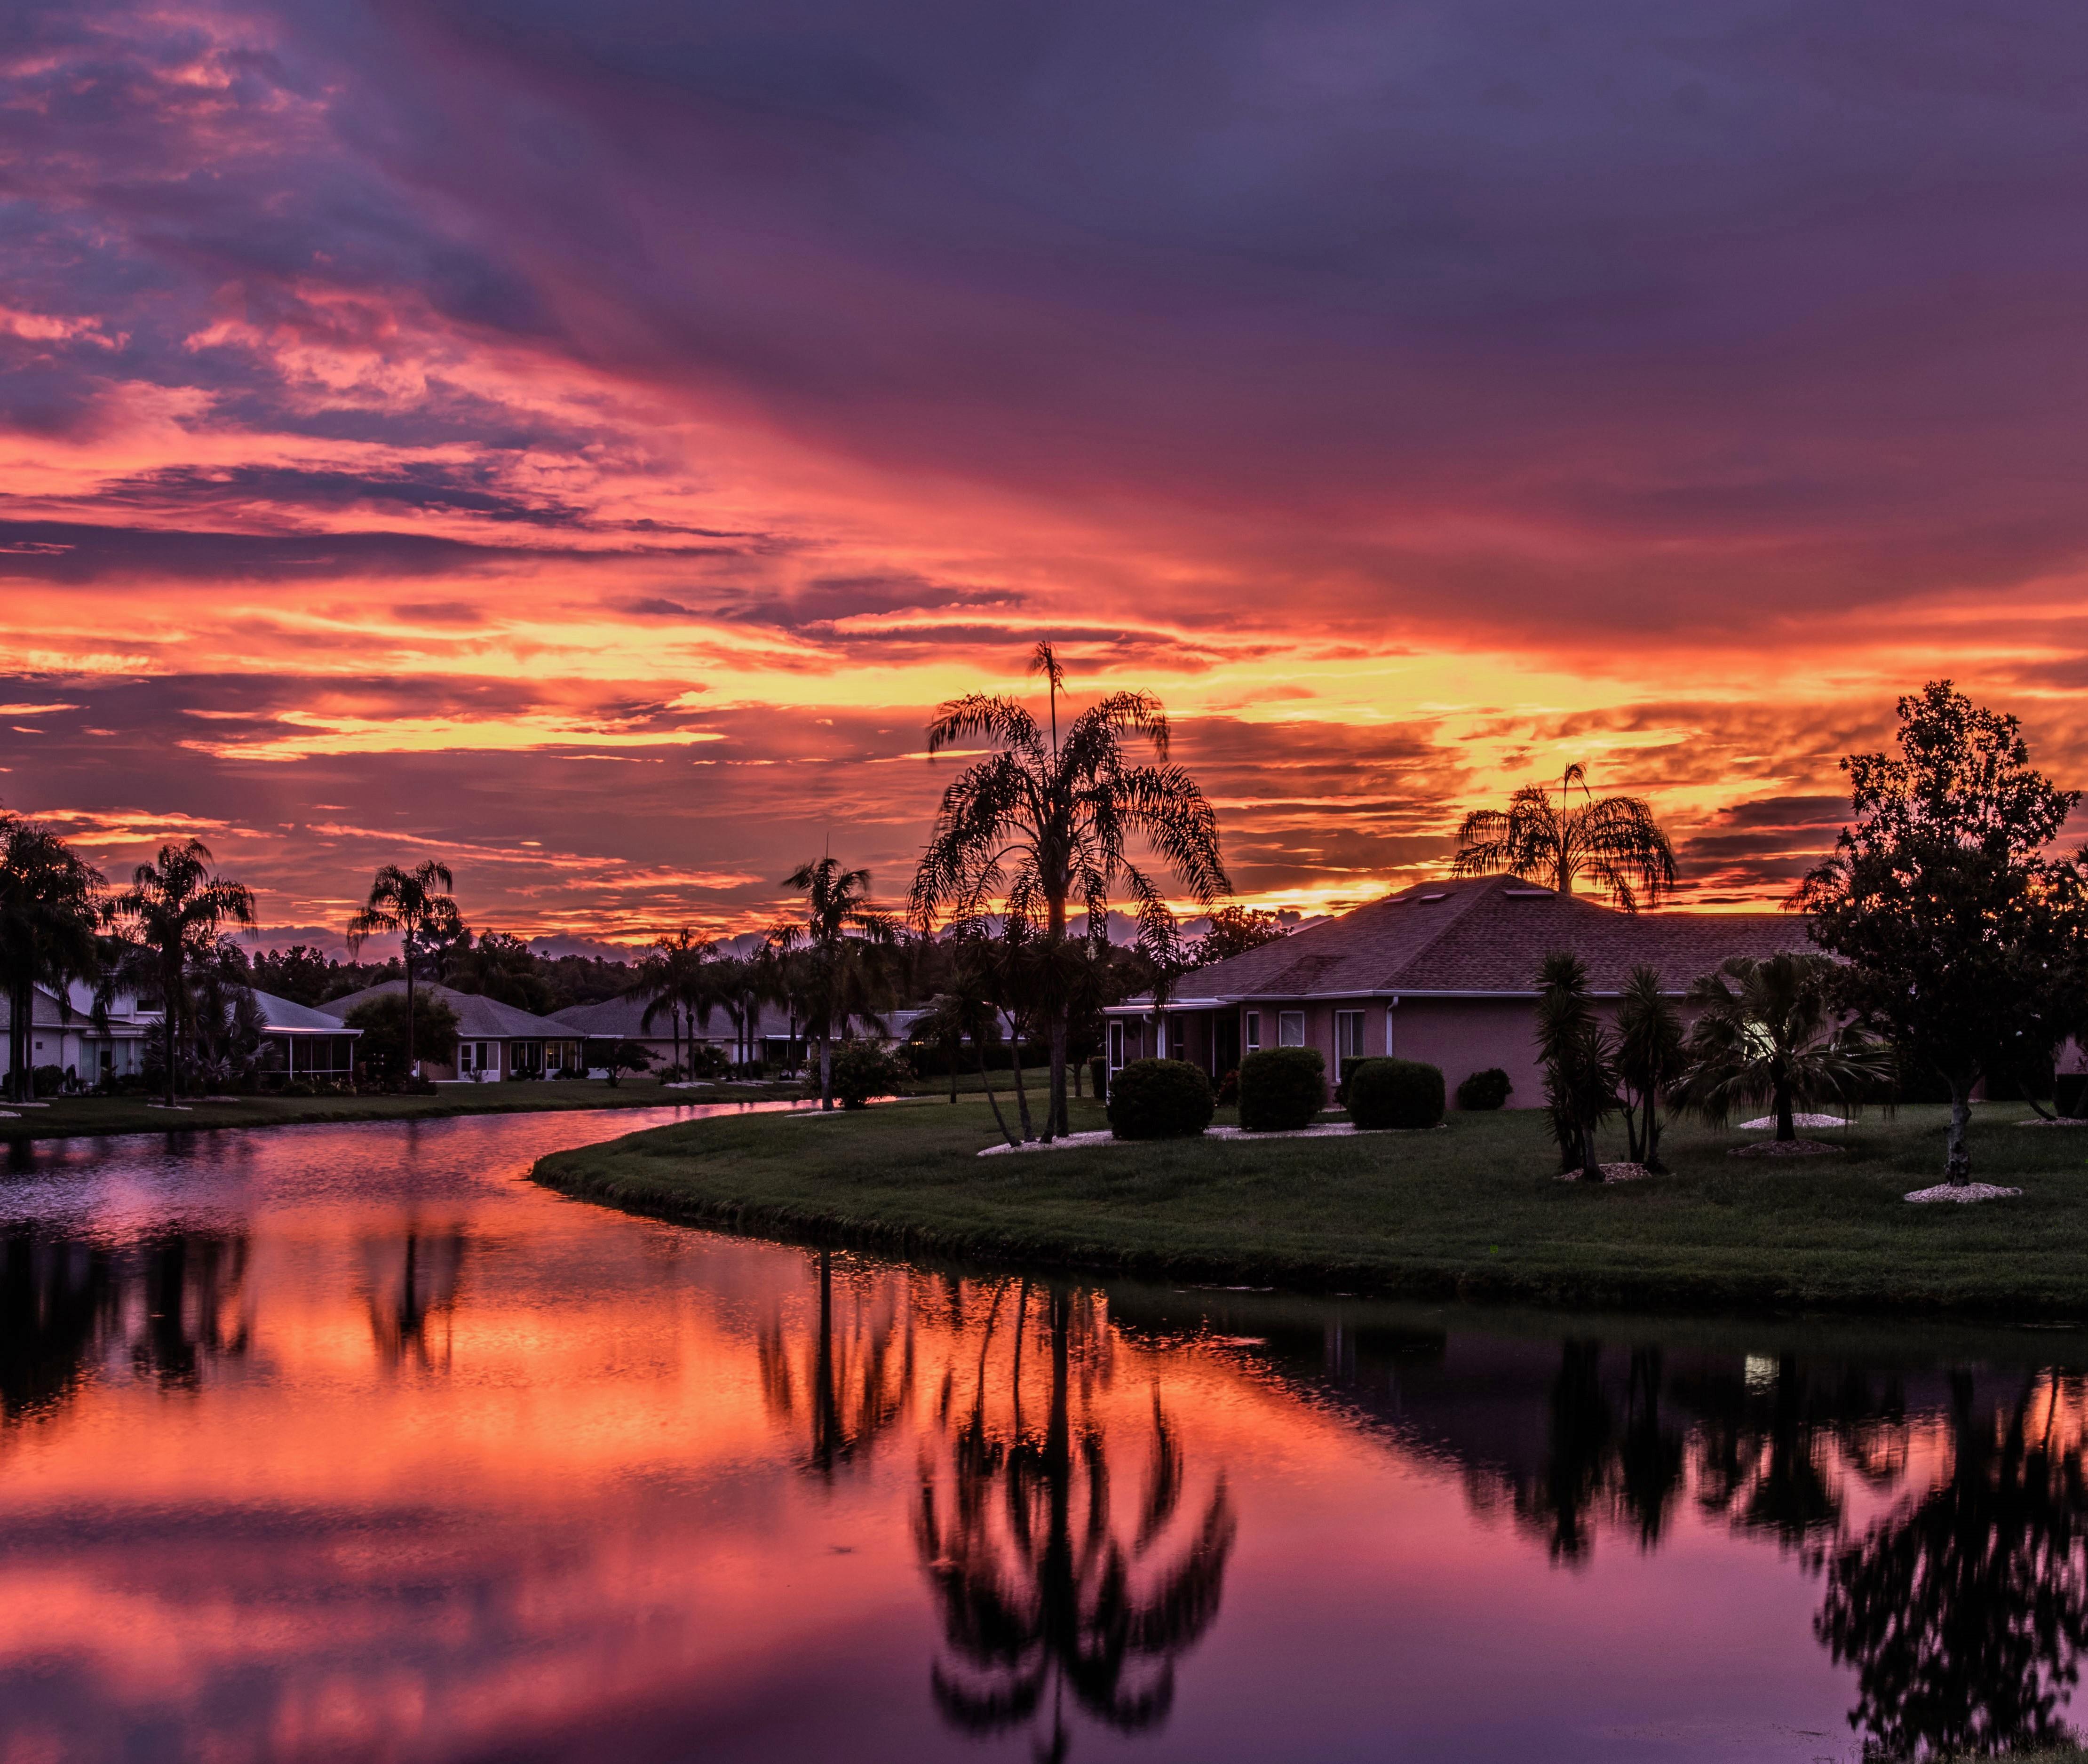 007 backyard sunset cvt 2.jpg